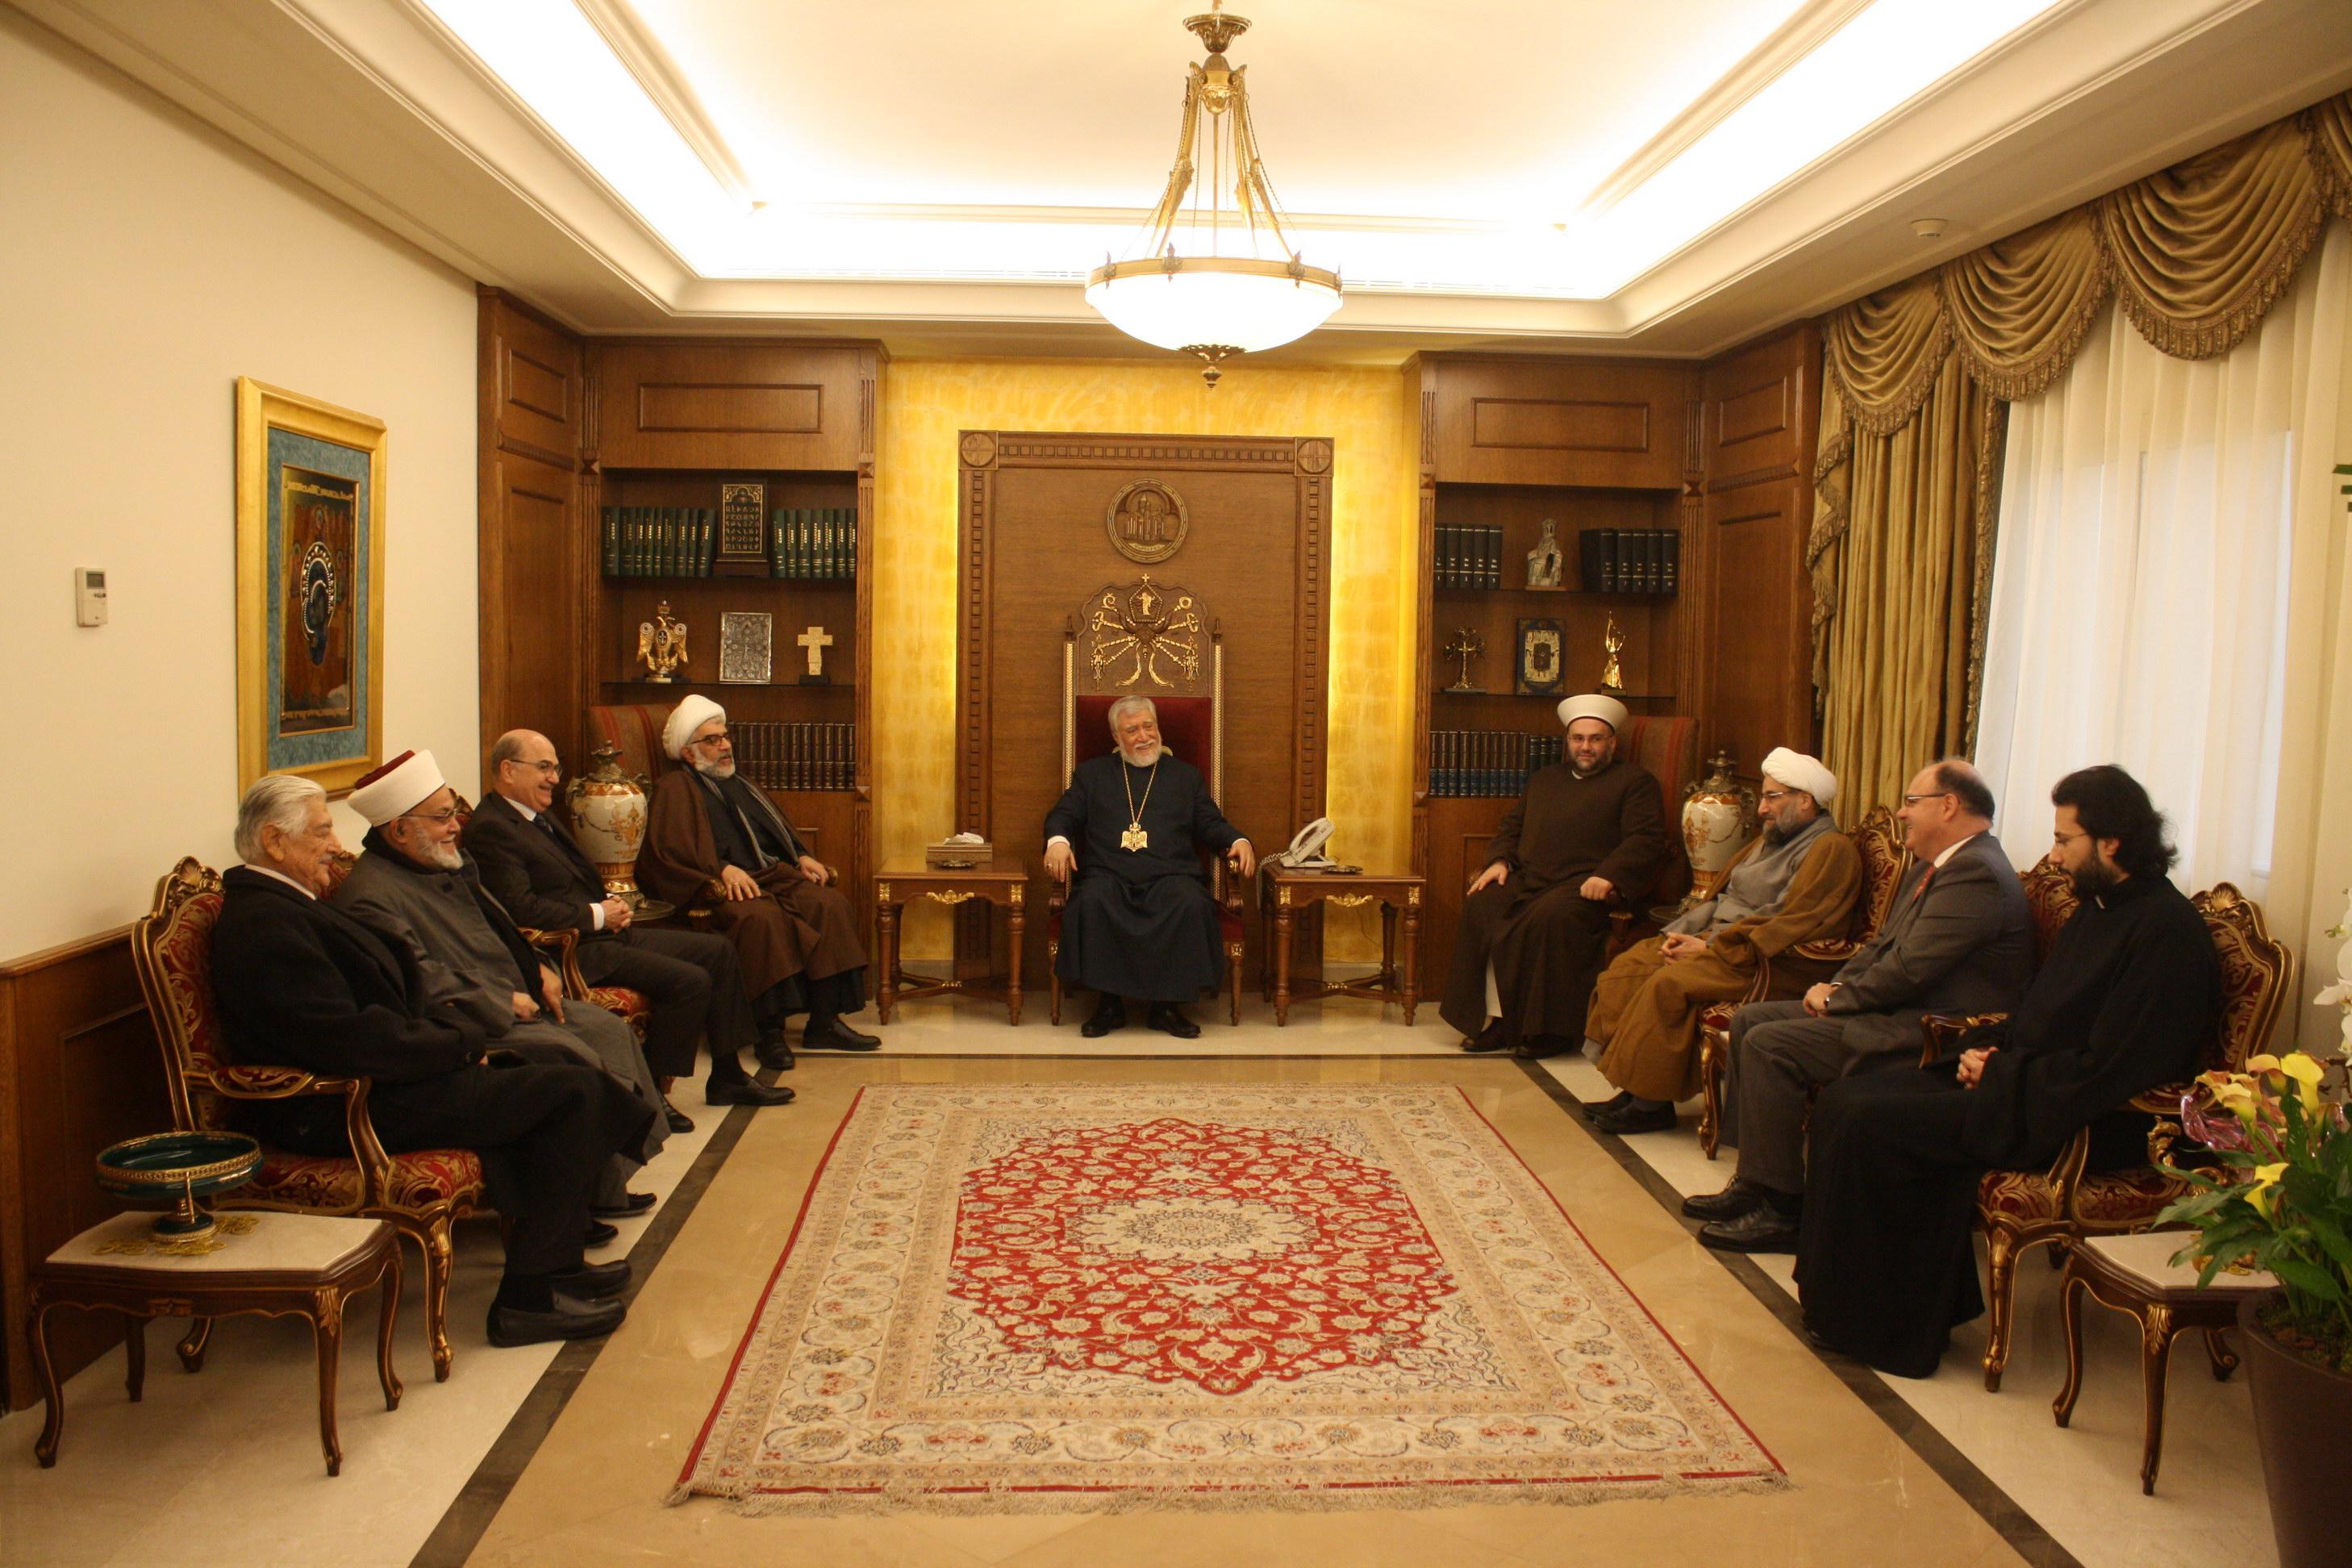 دیدار تجمع علمای مسلمان لبنان با اسقف مسیحی